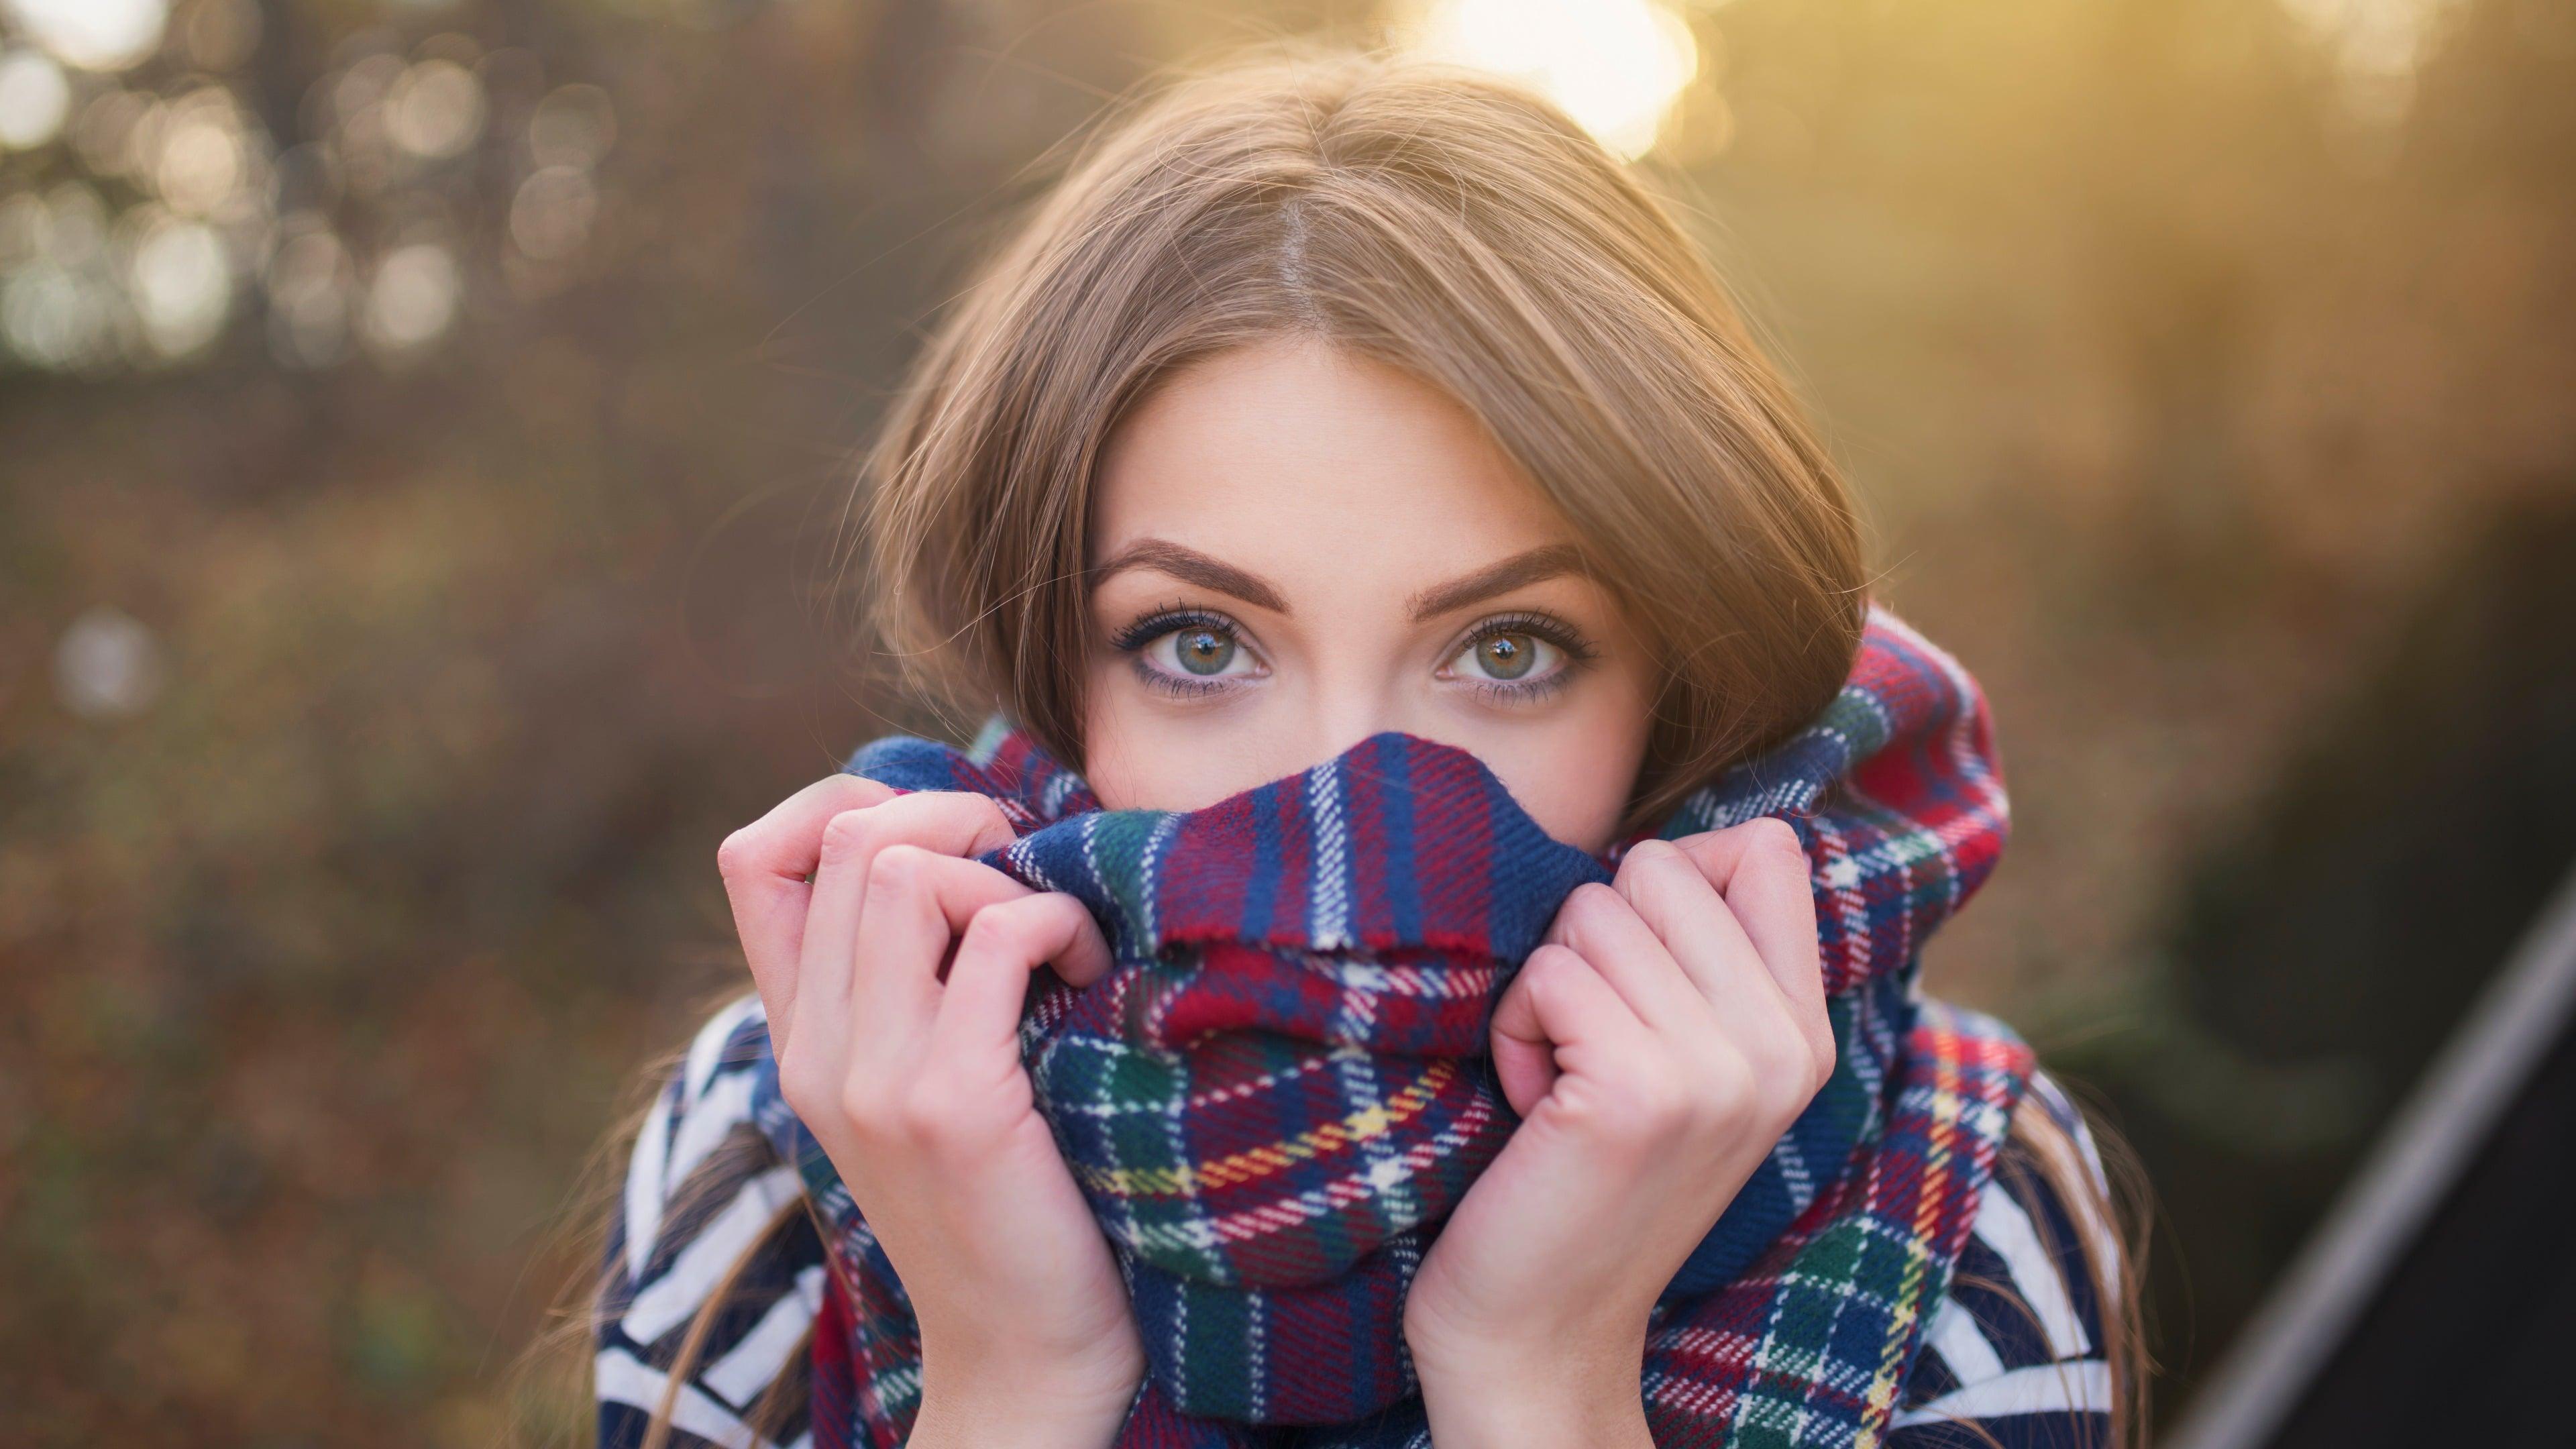 علت احساس سرما چیست و چرا برخی از افراد بیشتر از دیگران احساس سرما میکنند؟